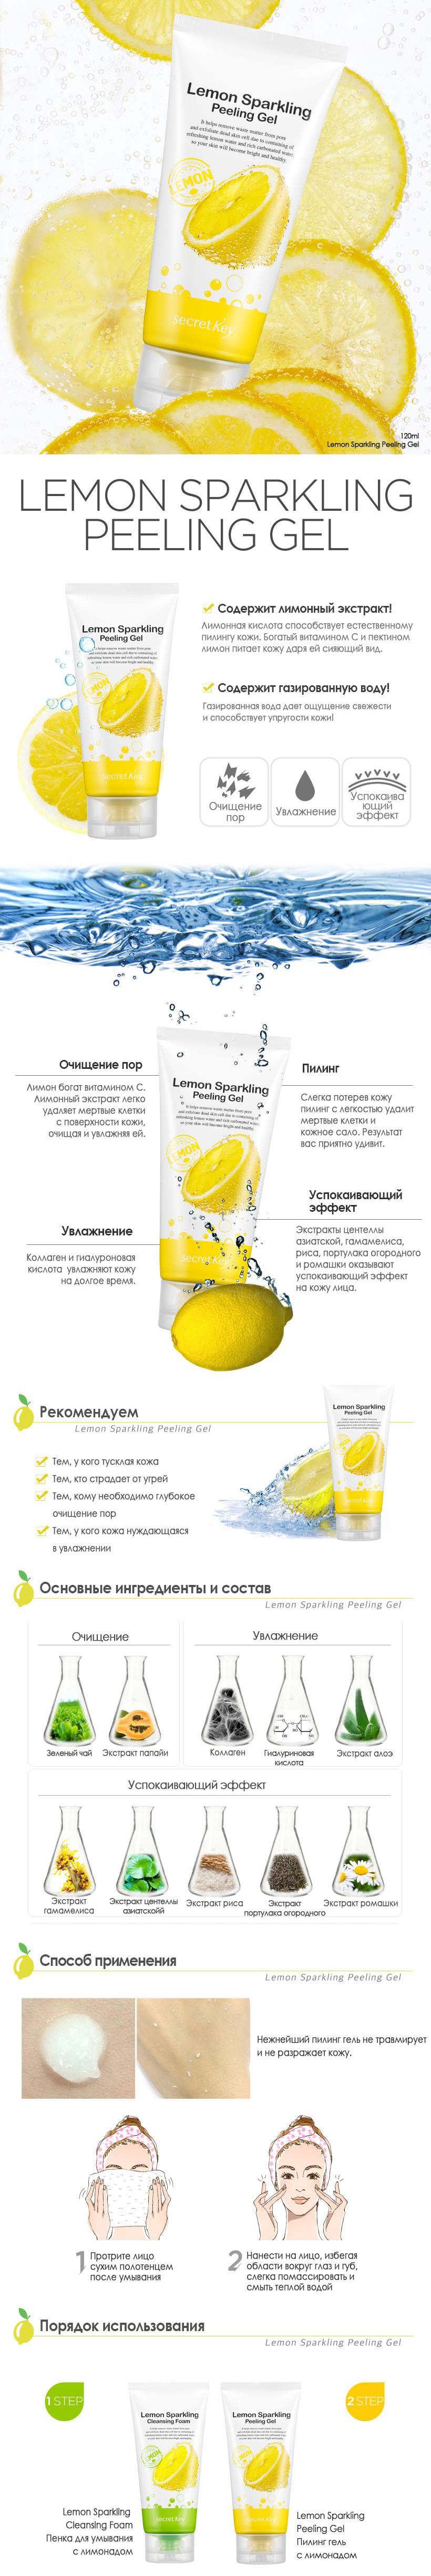 Как сделать пилинг с лимоном в домашних условиях